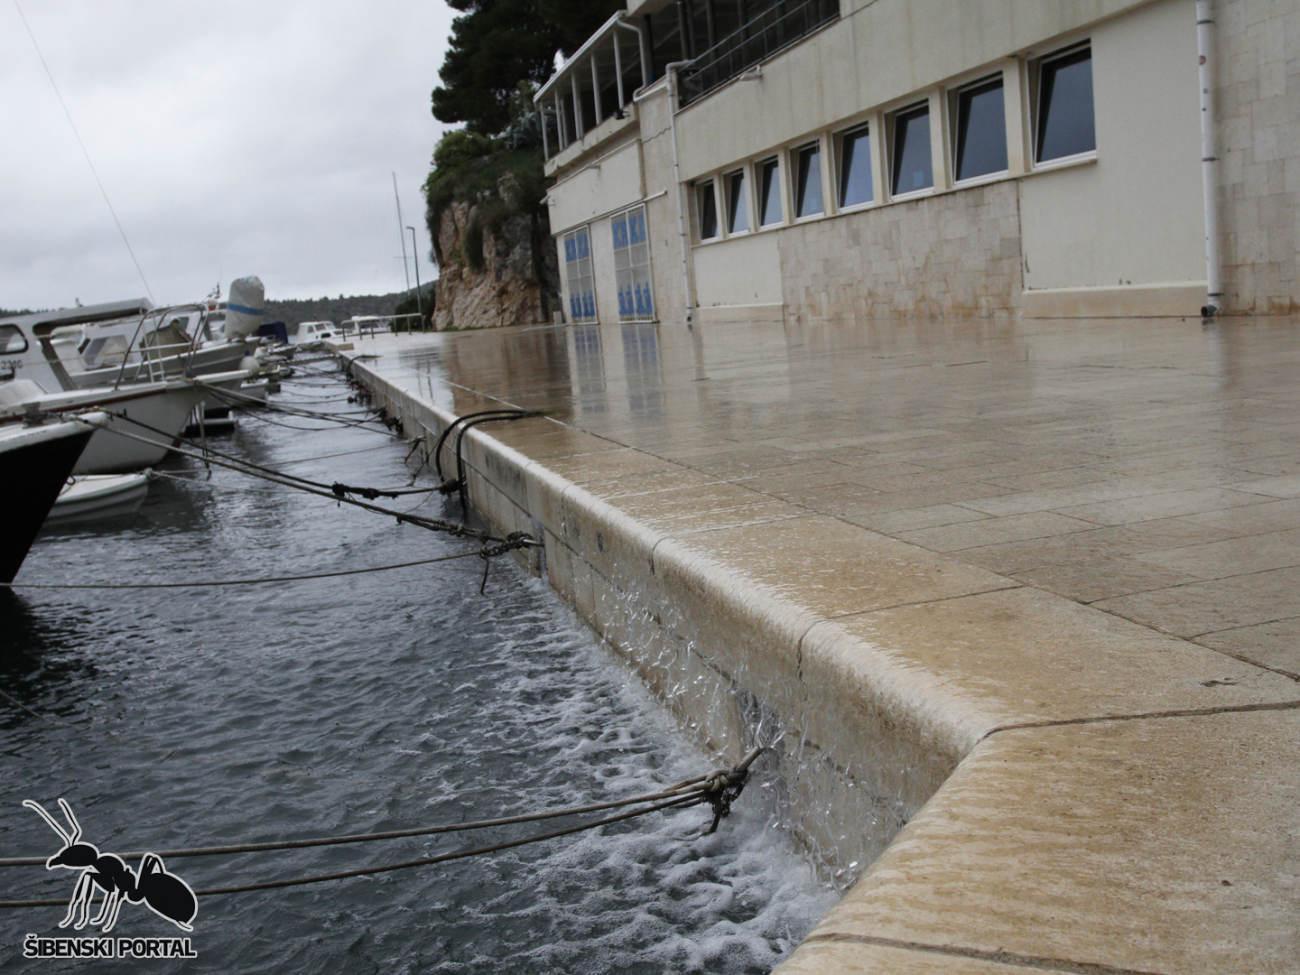 poplava vk krka 6